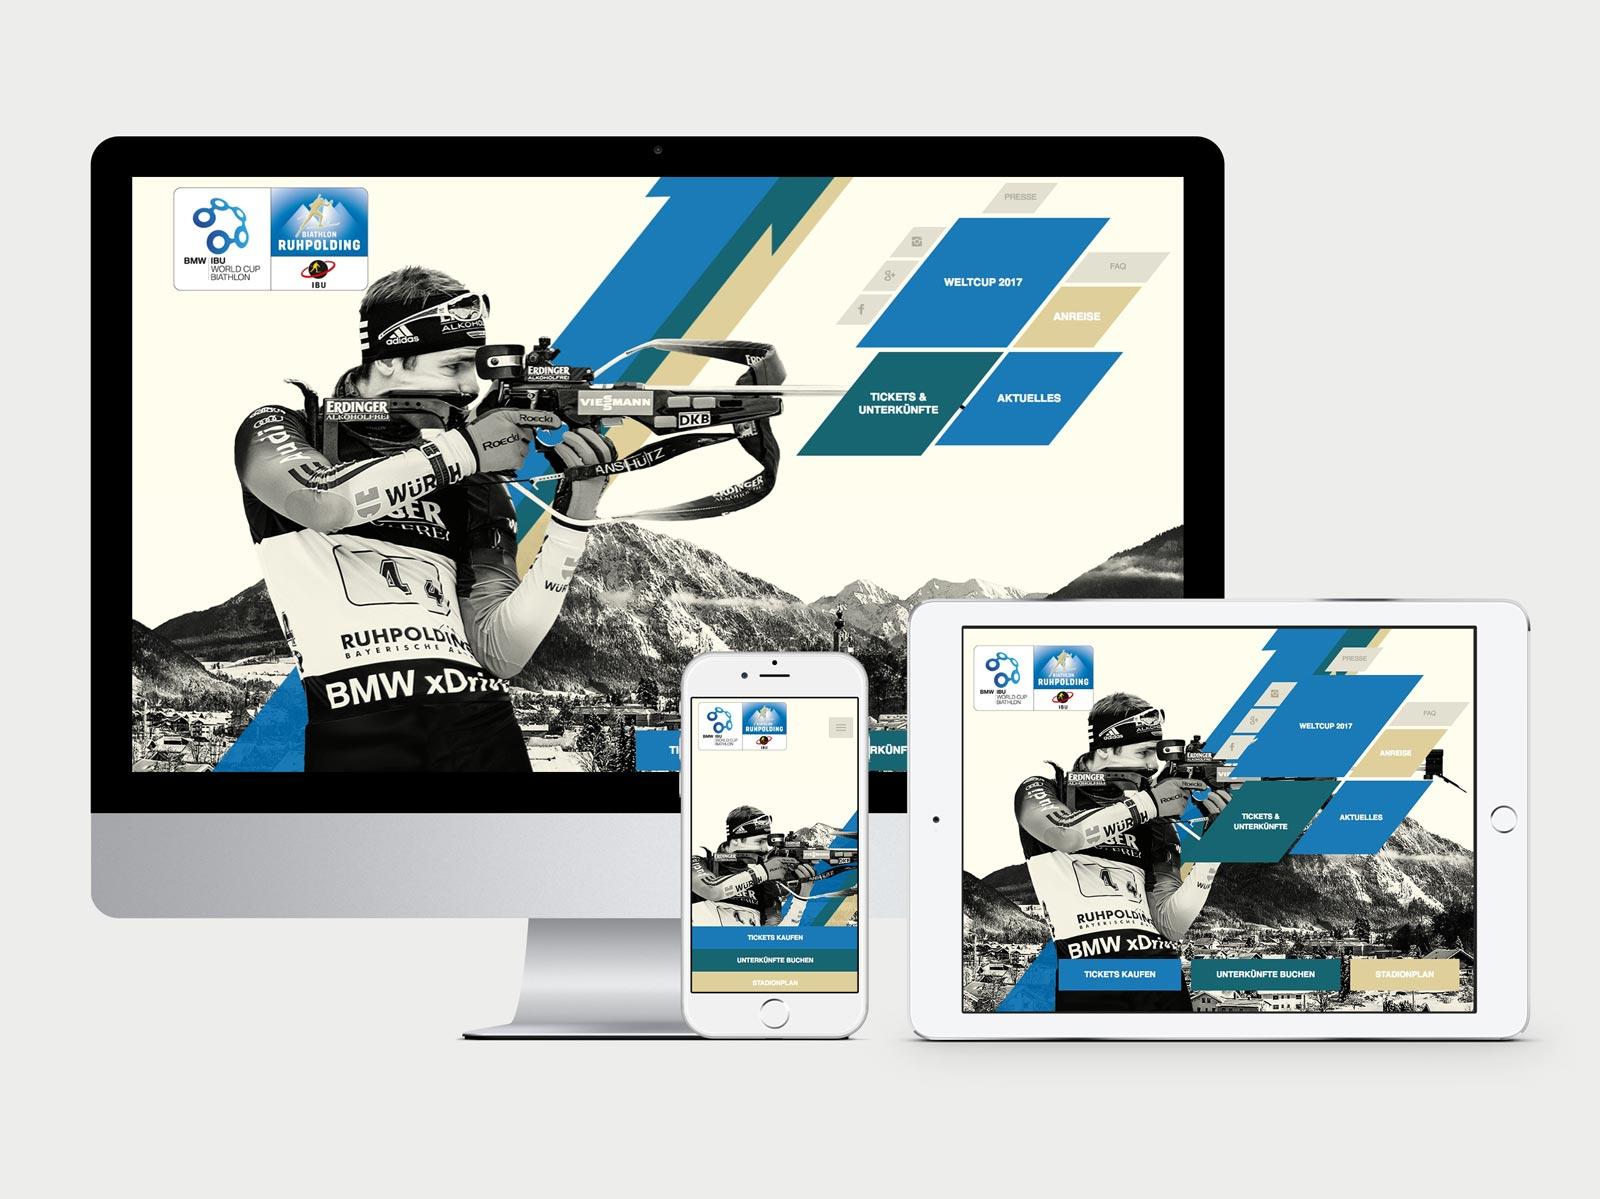 Darstellung der Website auf Monitor, iPhone6 und iPad Air